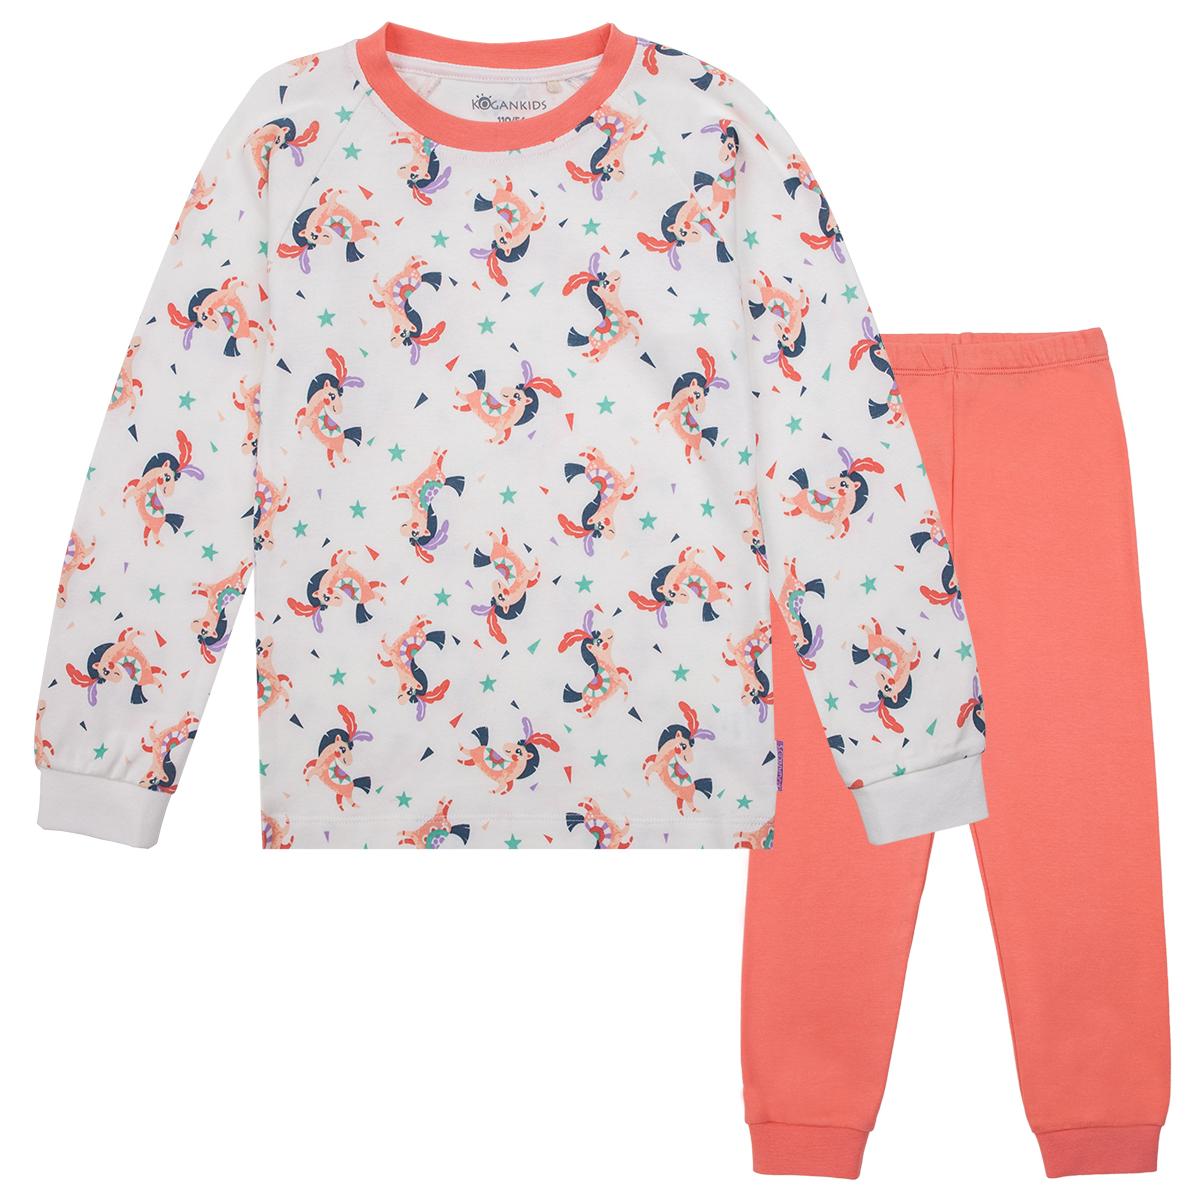 Пижама для девочки Артикул: 191-344-52